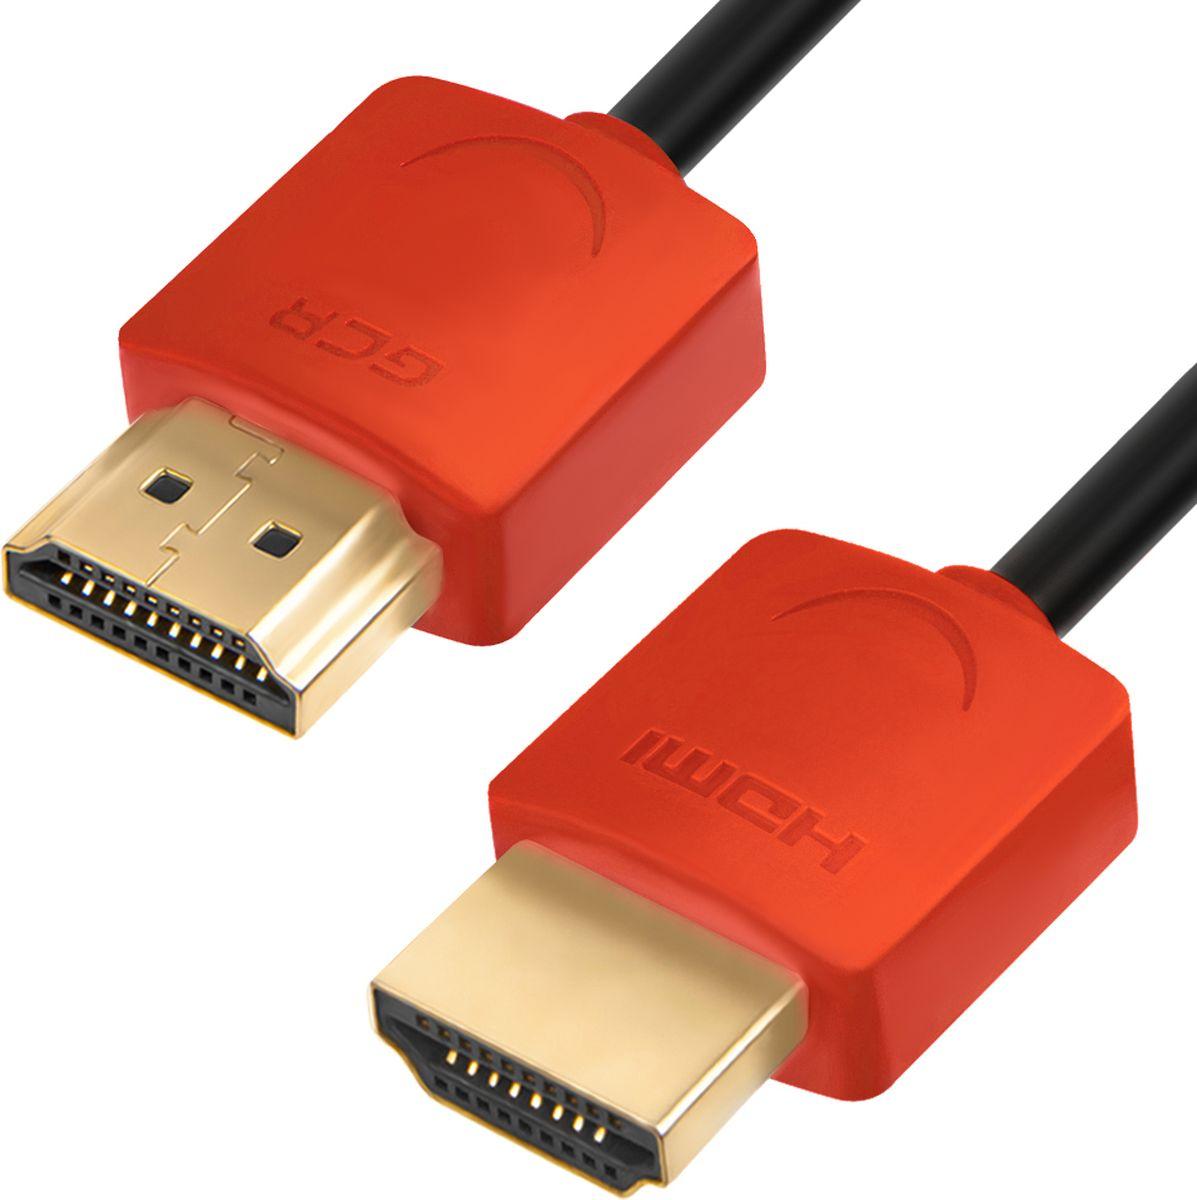 GCR GCR-HM550, Black Red кабель HDMI (1 м)GCR-HM550-1.0mНаименование: GCR Кабель HDMI цифровой 1.0m v1.4 19M [штекер]/19M [штекер] Ethernet High speed Premium Slim GCR-HM550-1.0m, AWG 32, медь, 4K, 3D, OD3.8m, экран, черный, красные коннекторы позолоченные контактыМодель: GCR-HM550Тип оборудования: КабельОписание: Кабель HDMI (High-Definition Multimedia Interface) предназначается для передачи цифровых видео-данных с высоким разрешением и многоканальных цифровых аудио-сигналов. Обеспечивают поддержку технологий 4К, HDCP, ARC, HEC. Возможность соединения при помощи разъема HDMI нескольких устройств в единую домашнюю сеть, делает этот интерфейс незаменимым.Поддержка создания Fast Ethernet-соединения (100 Мбит/с) (HDMI Ethernet Channel, HEC).Поддержка двунаправленного звукового канала Audio Return Cannel (ARC)Поддержка 3D.Поддержка разрешения UltraHD 4K (3840x2160), Full 4K (4096x2160), FullHD (1920x1080) и HD Ready (1280x720)Пропускная способность интерфейса: Скорость передачи данных до 10,2 Гбит/с,Тип разъемов кабеля: 19M [штекер]/19M [штекер] никелированные контакты, медьДиаметр проводника питания 5V: 32 AWGДиаметр проводника передачи данных: 32 AWGДиаметр кабеля: OD3.8mmТип оболочки: экологически чистый RoHS PVC (ПВХ)Совместимость: HDCP, ARC, HECЦвет кабеля: черный, красные коннекторыДлина кабеля: 1.0mФерритовые фильтры: нетЭкранирование: экранУпаковка: Пластиковый пакетТовар произведен в соответствии с ТУ и сертифицирован для продажи в России и странах ТС.